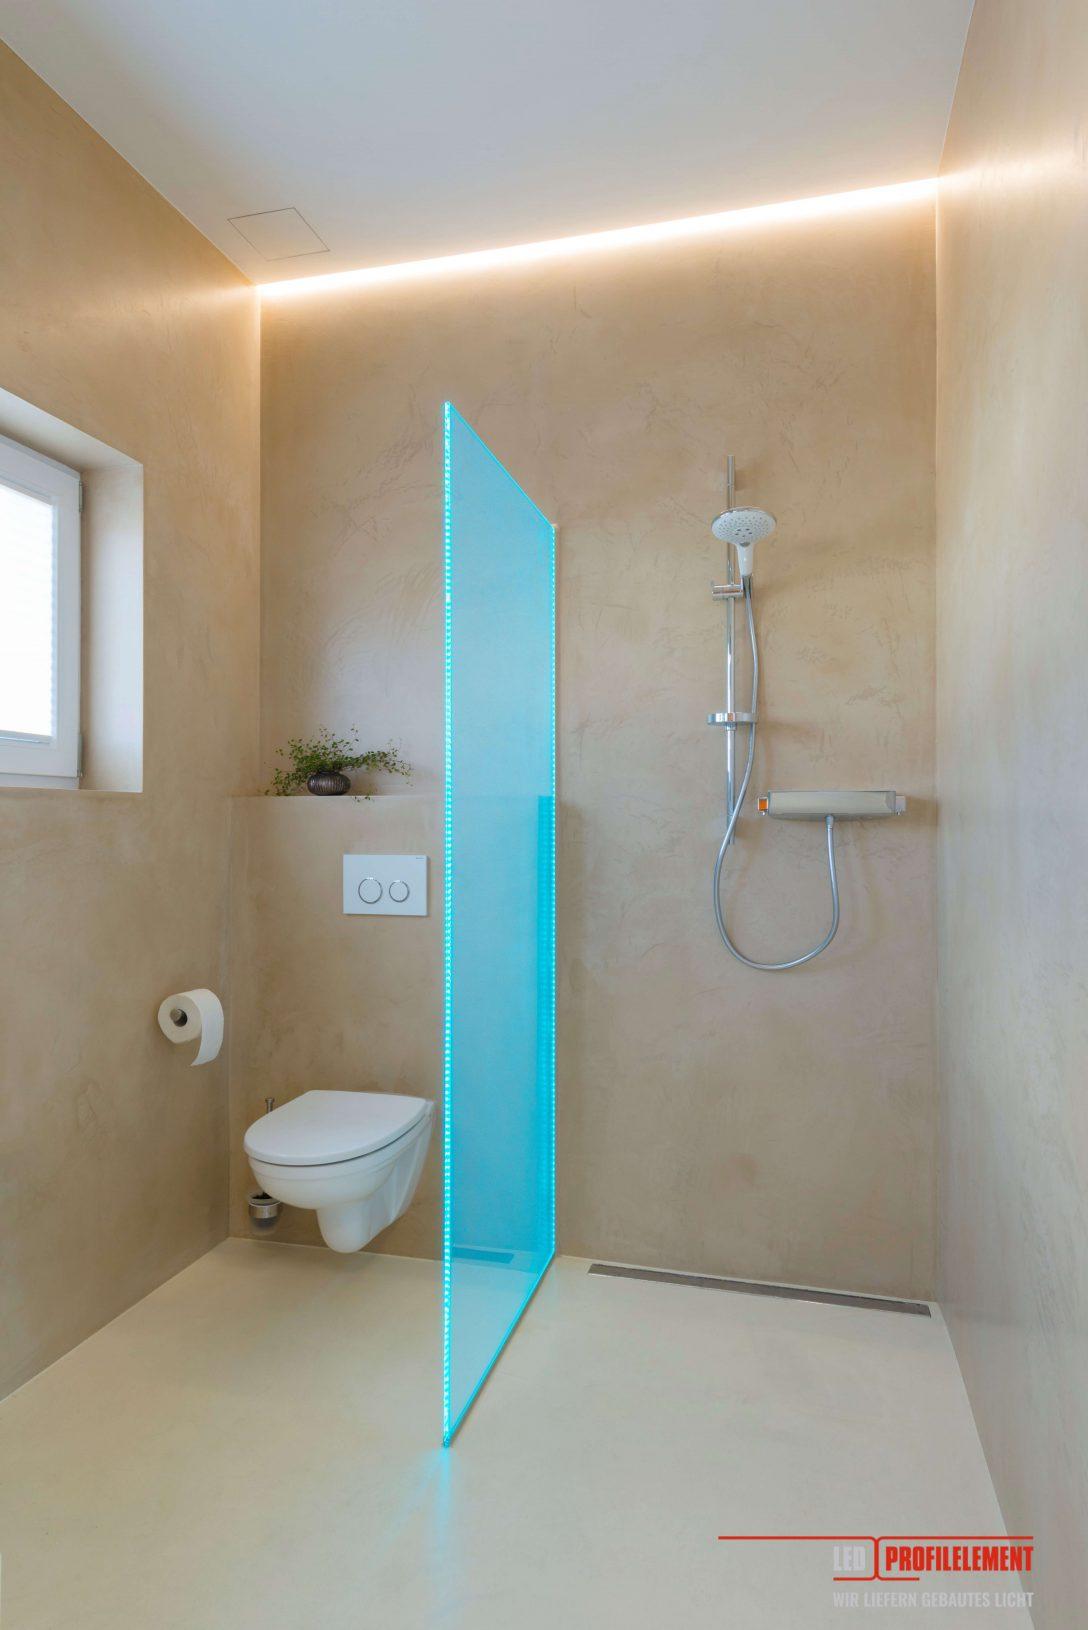 Large Size of Indirekte Beleuchtung Decke Led Profilelement Lichtdesign Konzept Realisierungxd83exdd47 Bett Mit Deckenleuchte Schlafzimmer Deckenleuchten Deckenlampen Für Wohnzimmer Indirekte Beleuchtung Decke